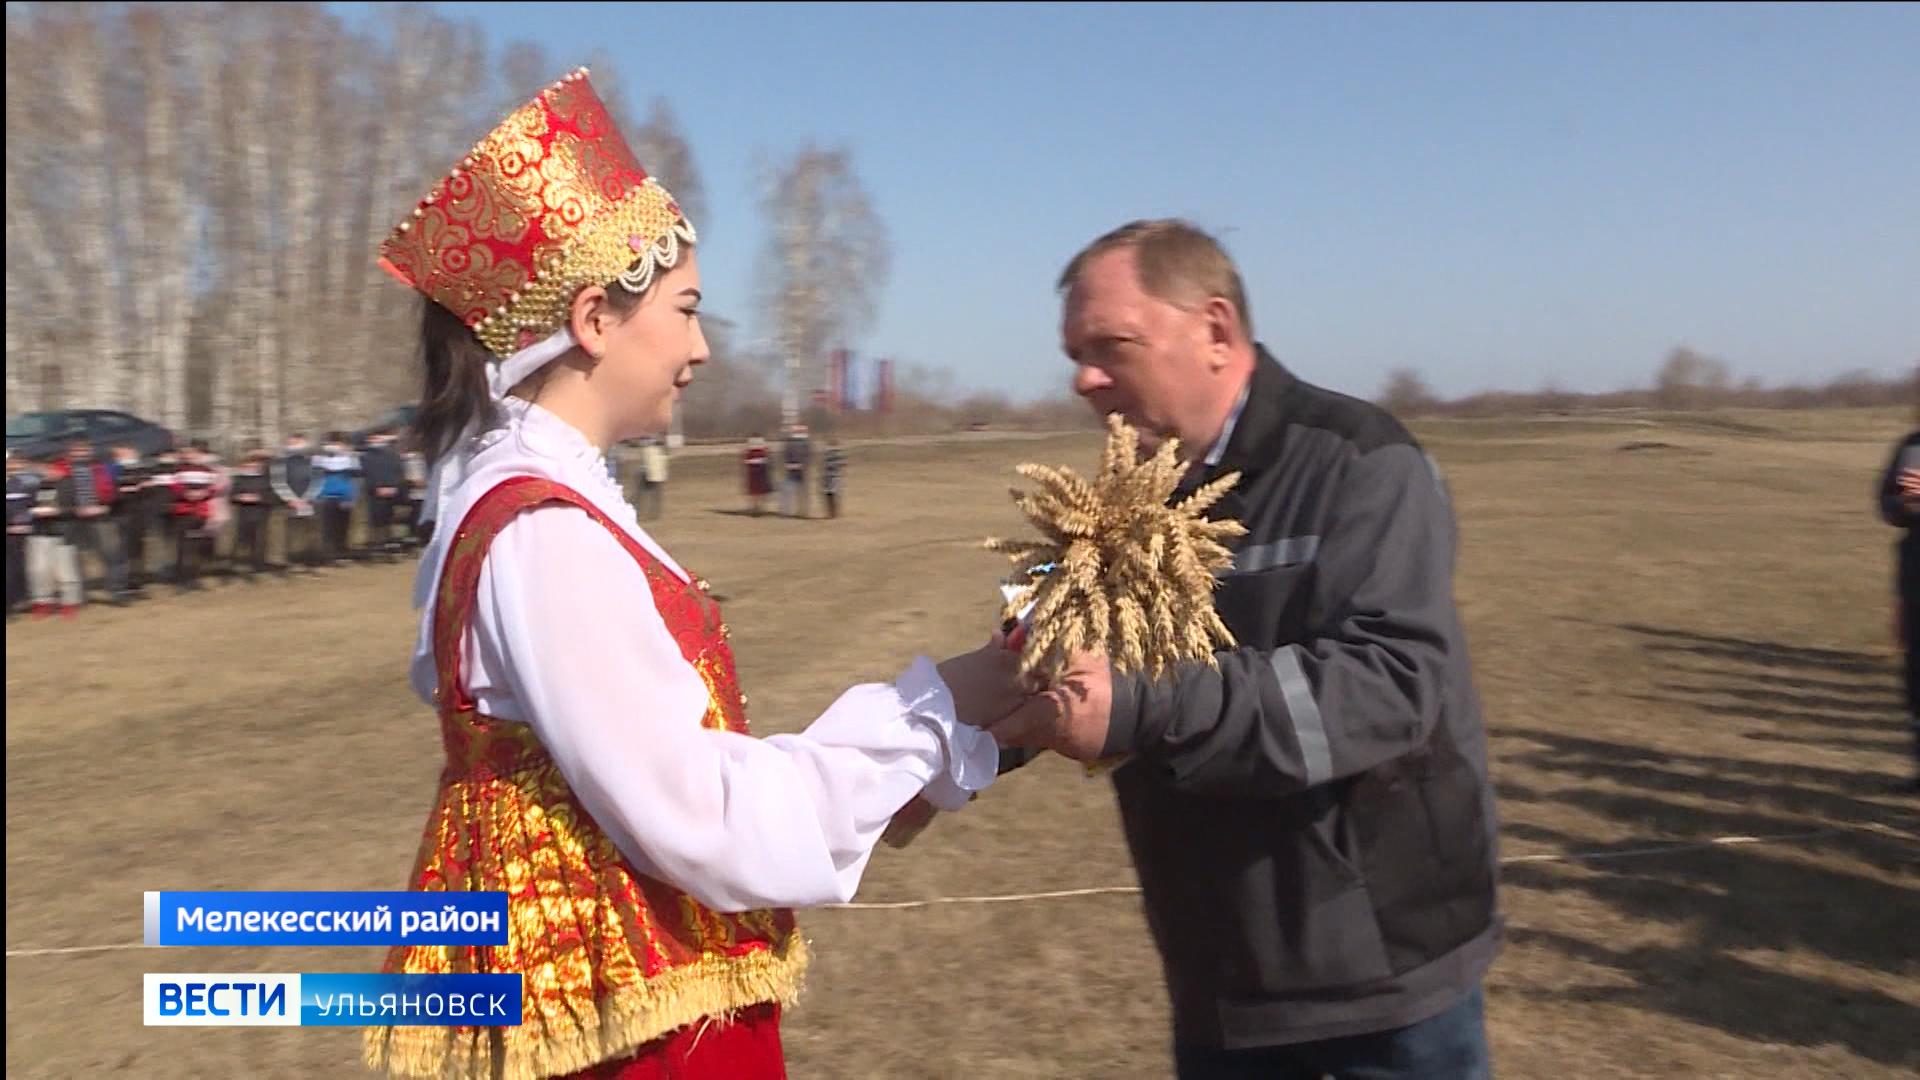 На полях рязановского сельскохозяйственного техникума в Мелекесском районе вспахали первую борозду.